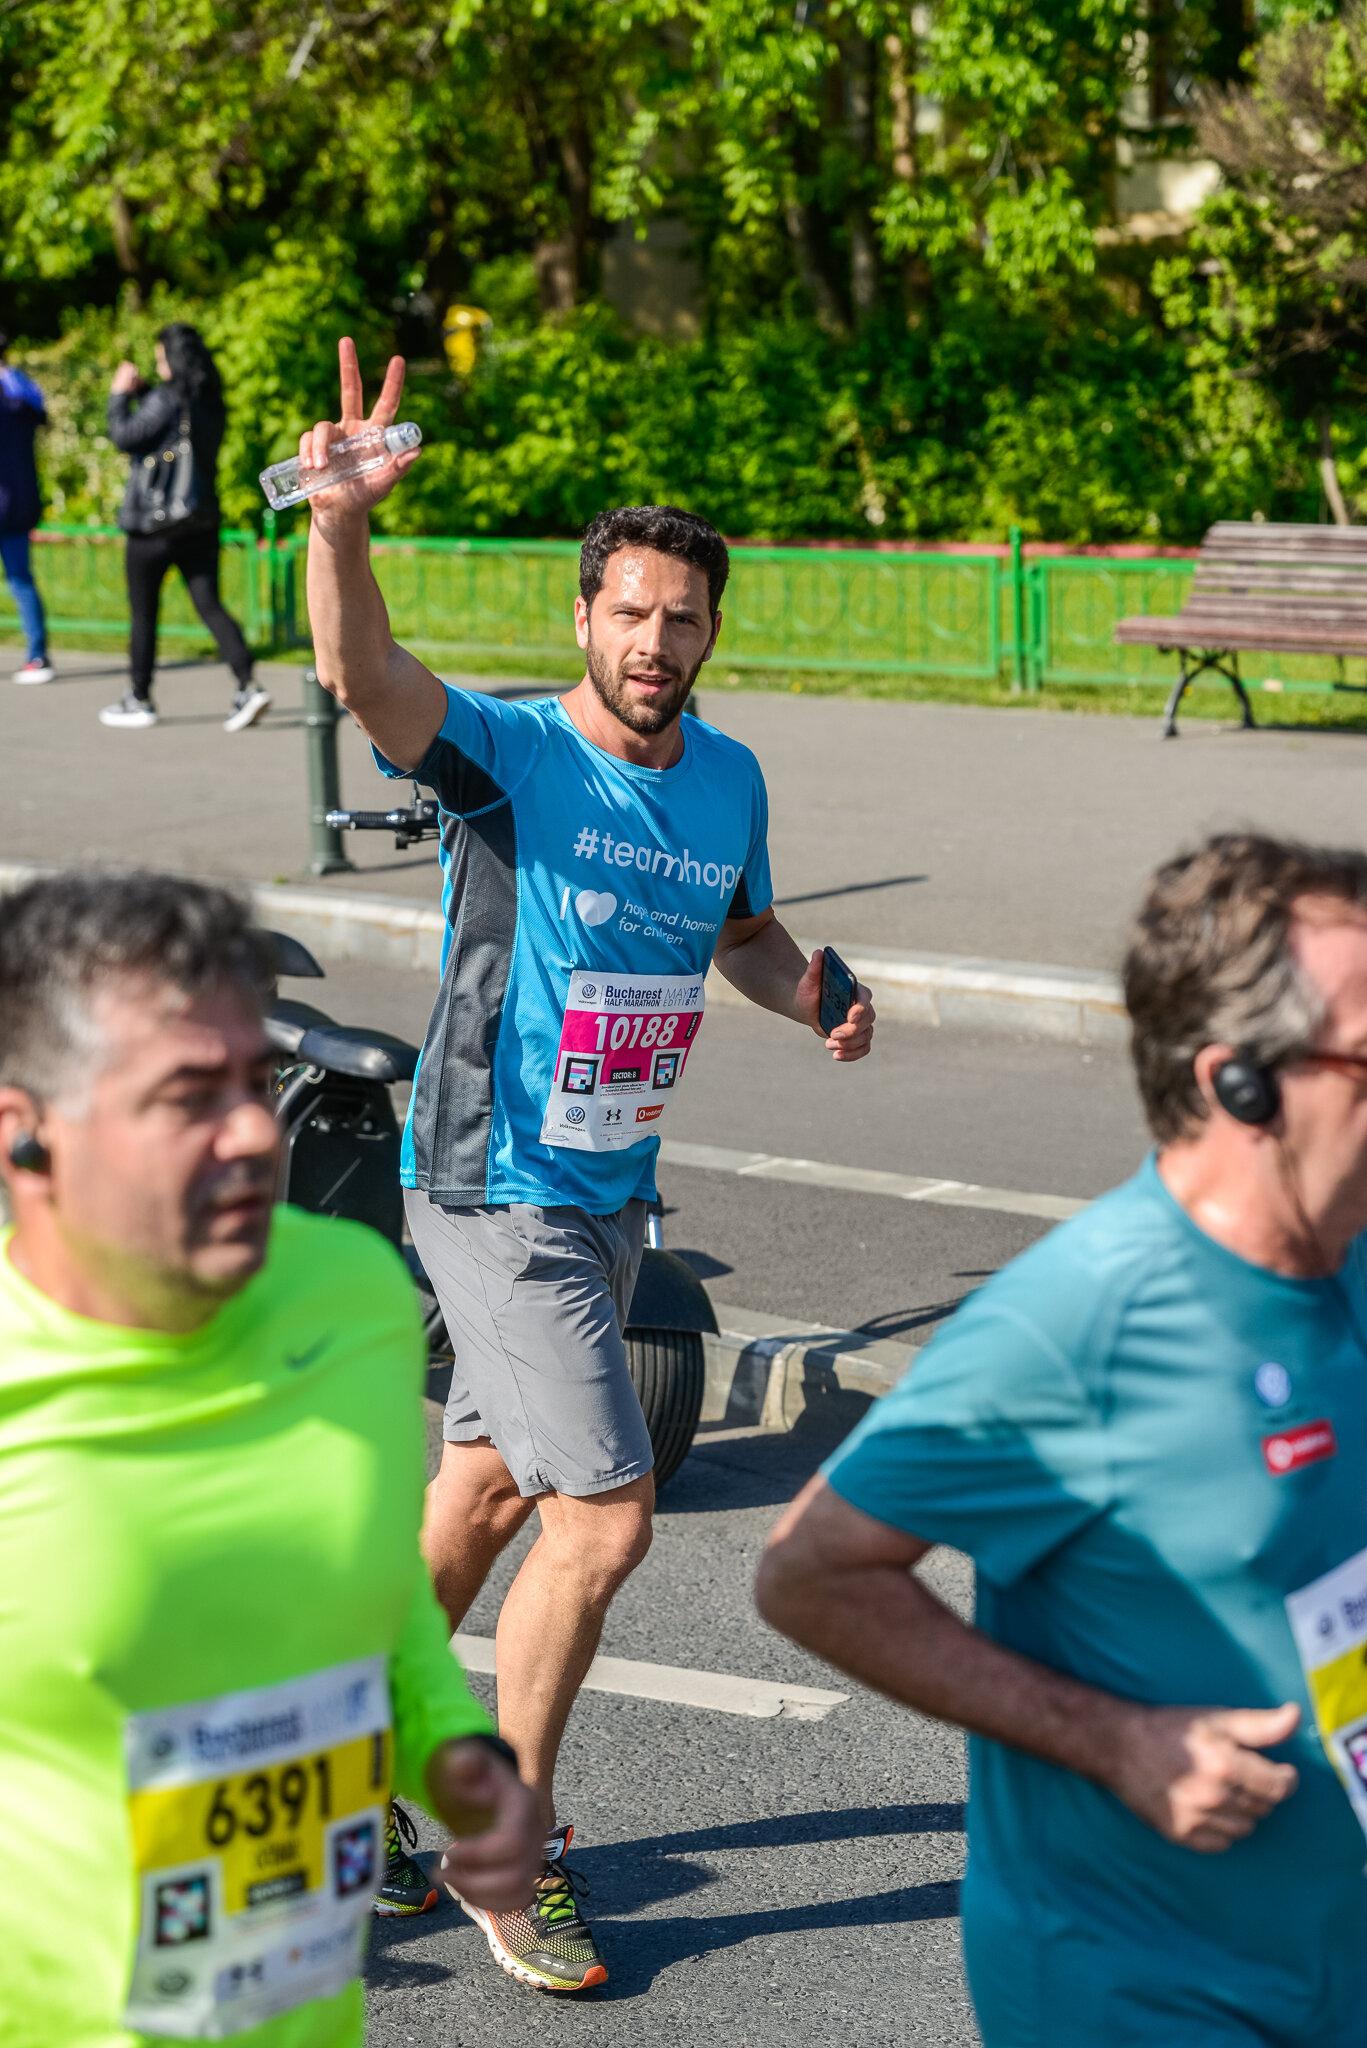 Adrian Nartea_Semimaratonul Bucuresti_Foto Radu Fugărescu.jpg